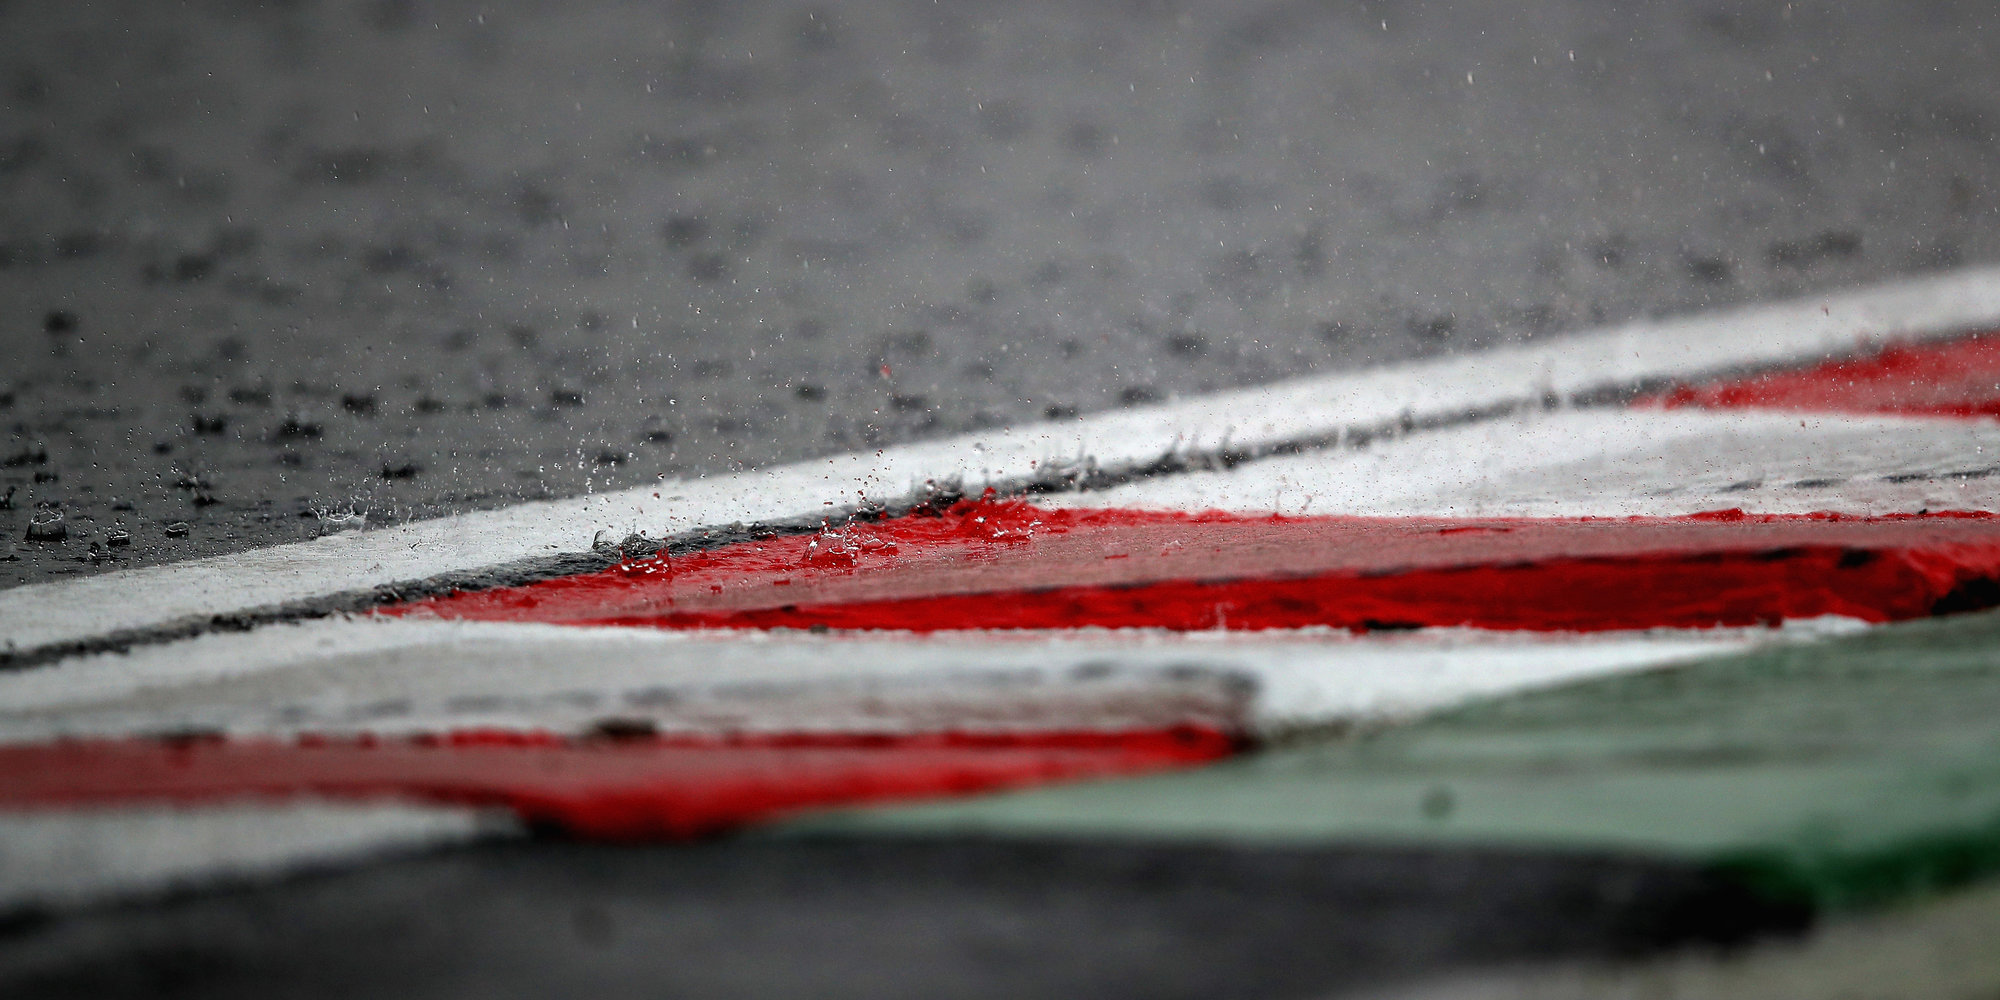 В Венгрии построят новую трассу, способную принимать гонки «Формулы-1»